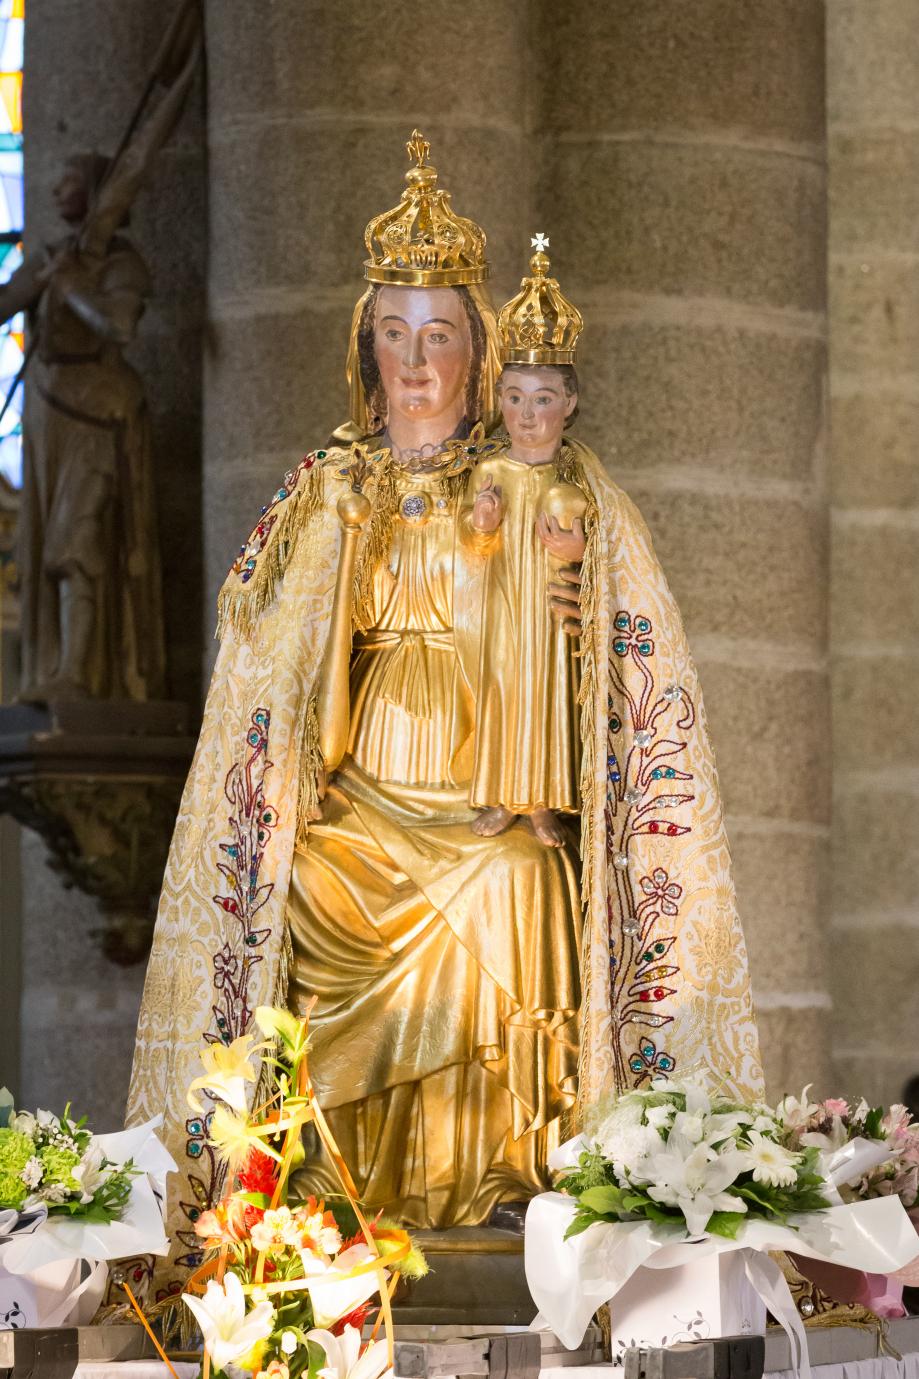 Pontivy_-_Basilique_Notre-Dame-de-la-Joie_20200906-25_statue_Notre-Dame_de_Joie